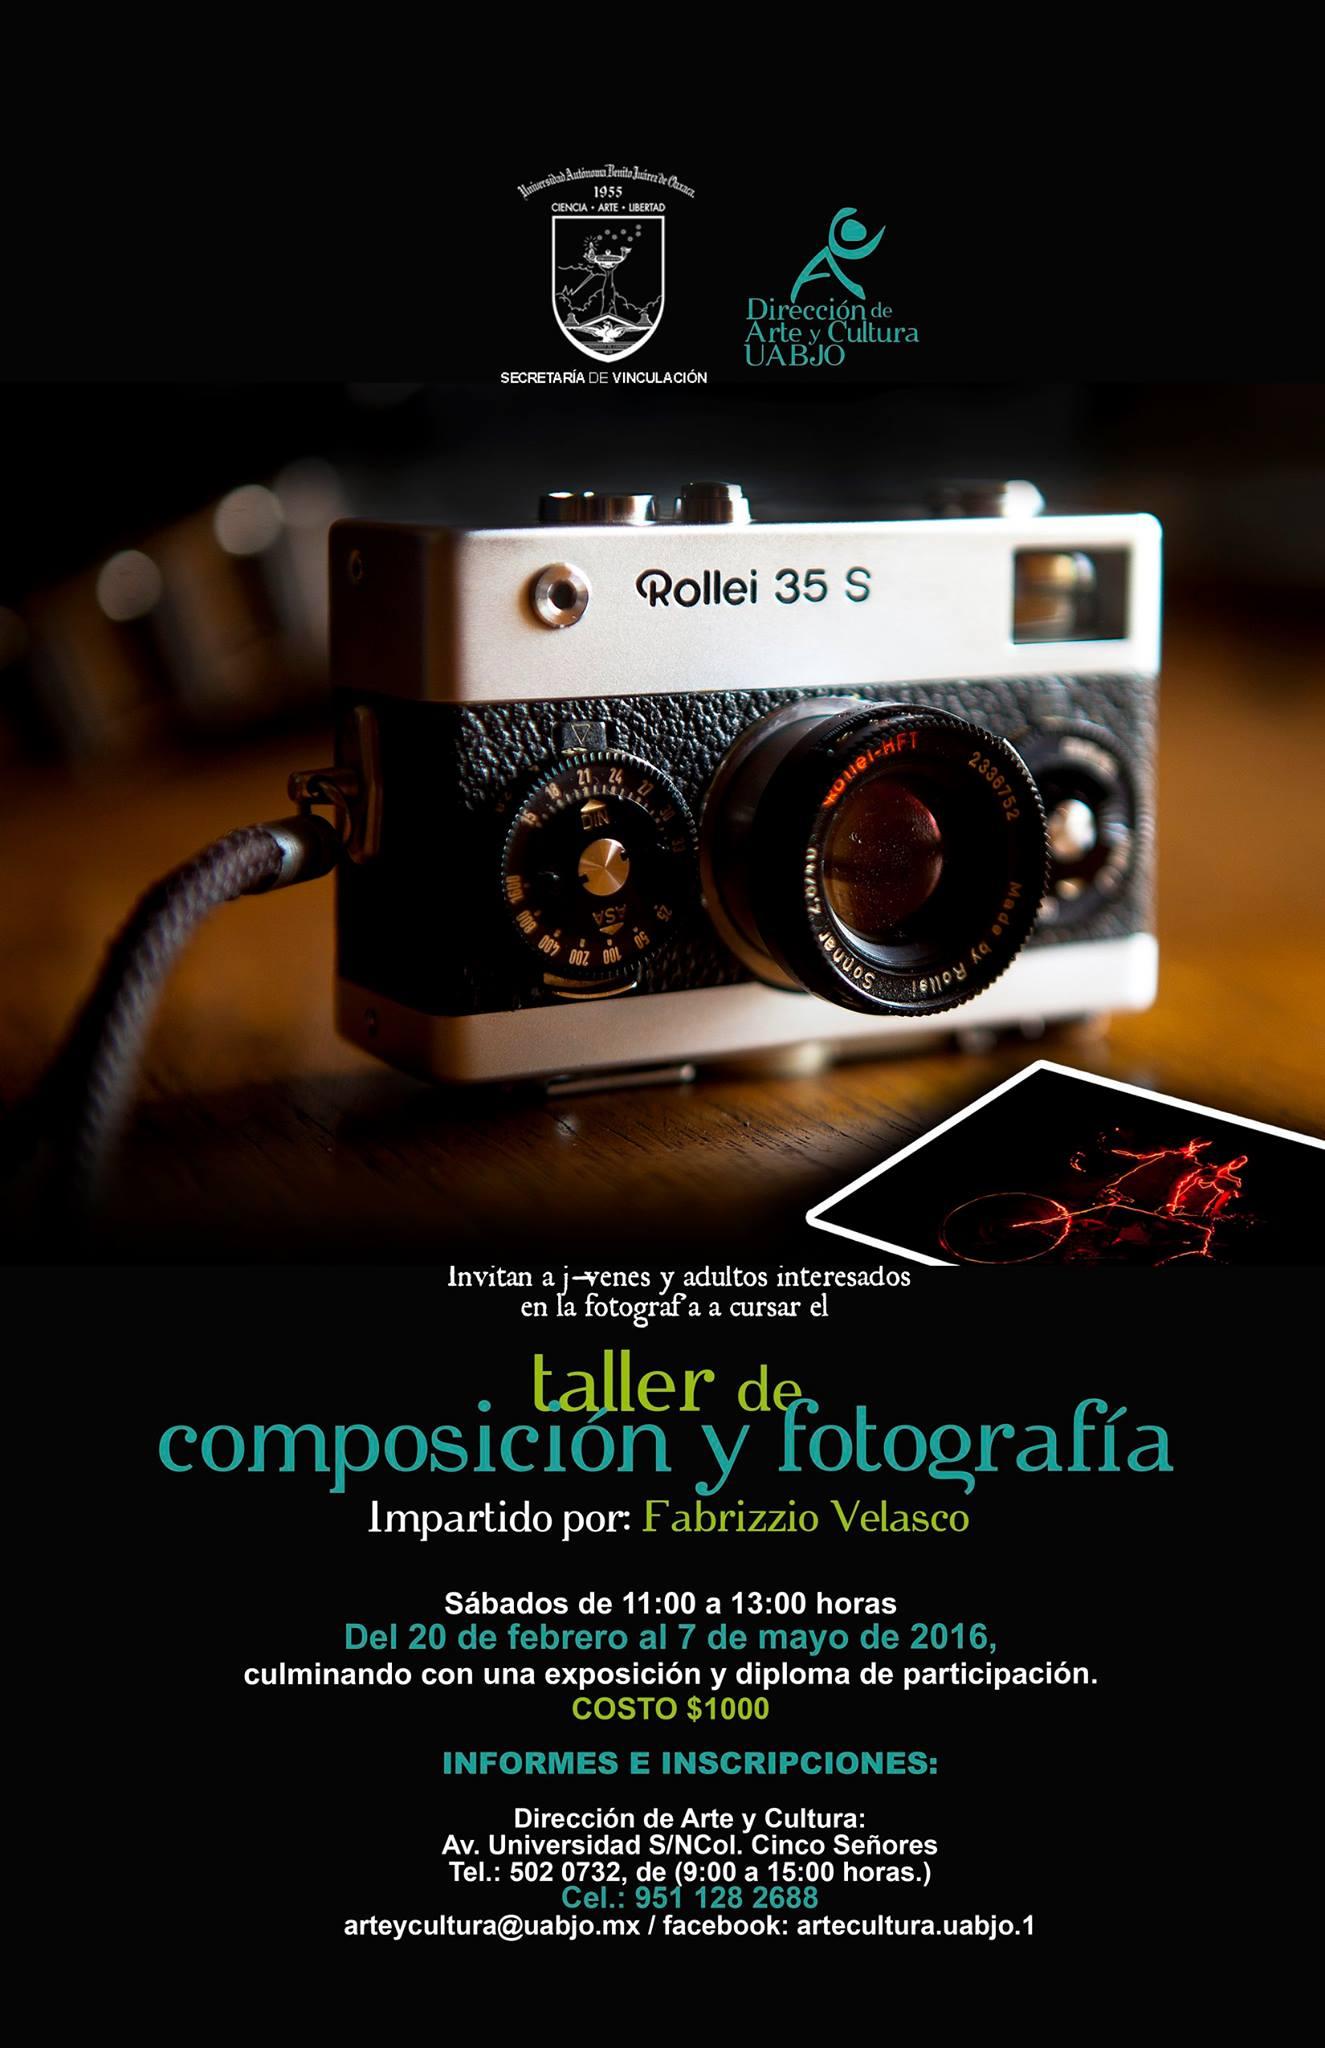 Taller de composición y fotografía